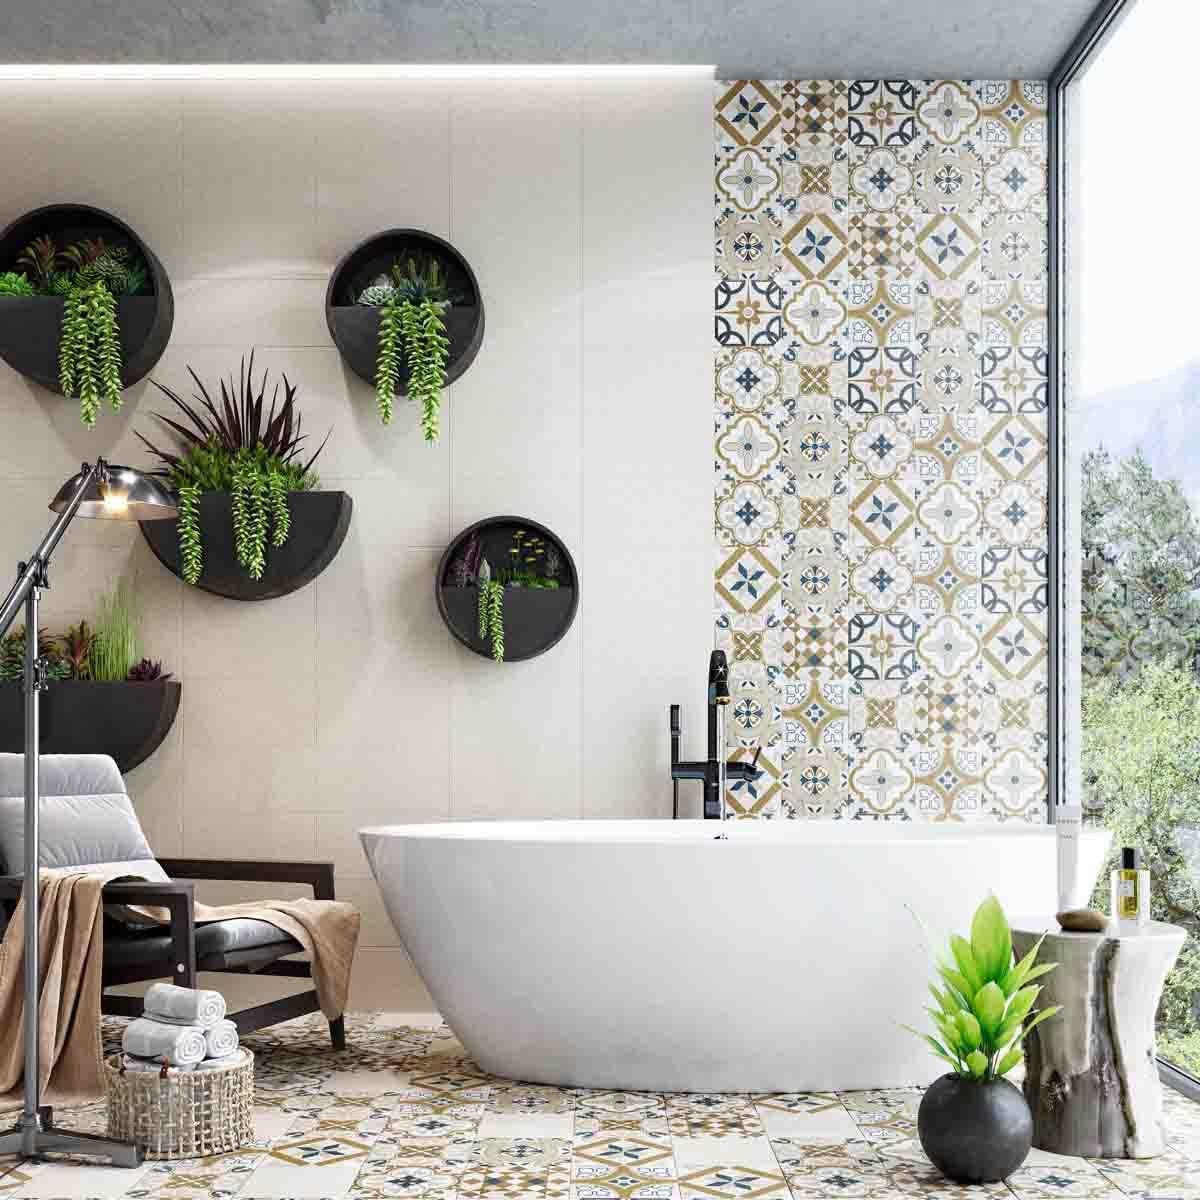 تزیین دیوار حمام و سرویس بهداشتی با نصب گلدان های دیواری مشکی